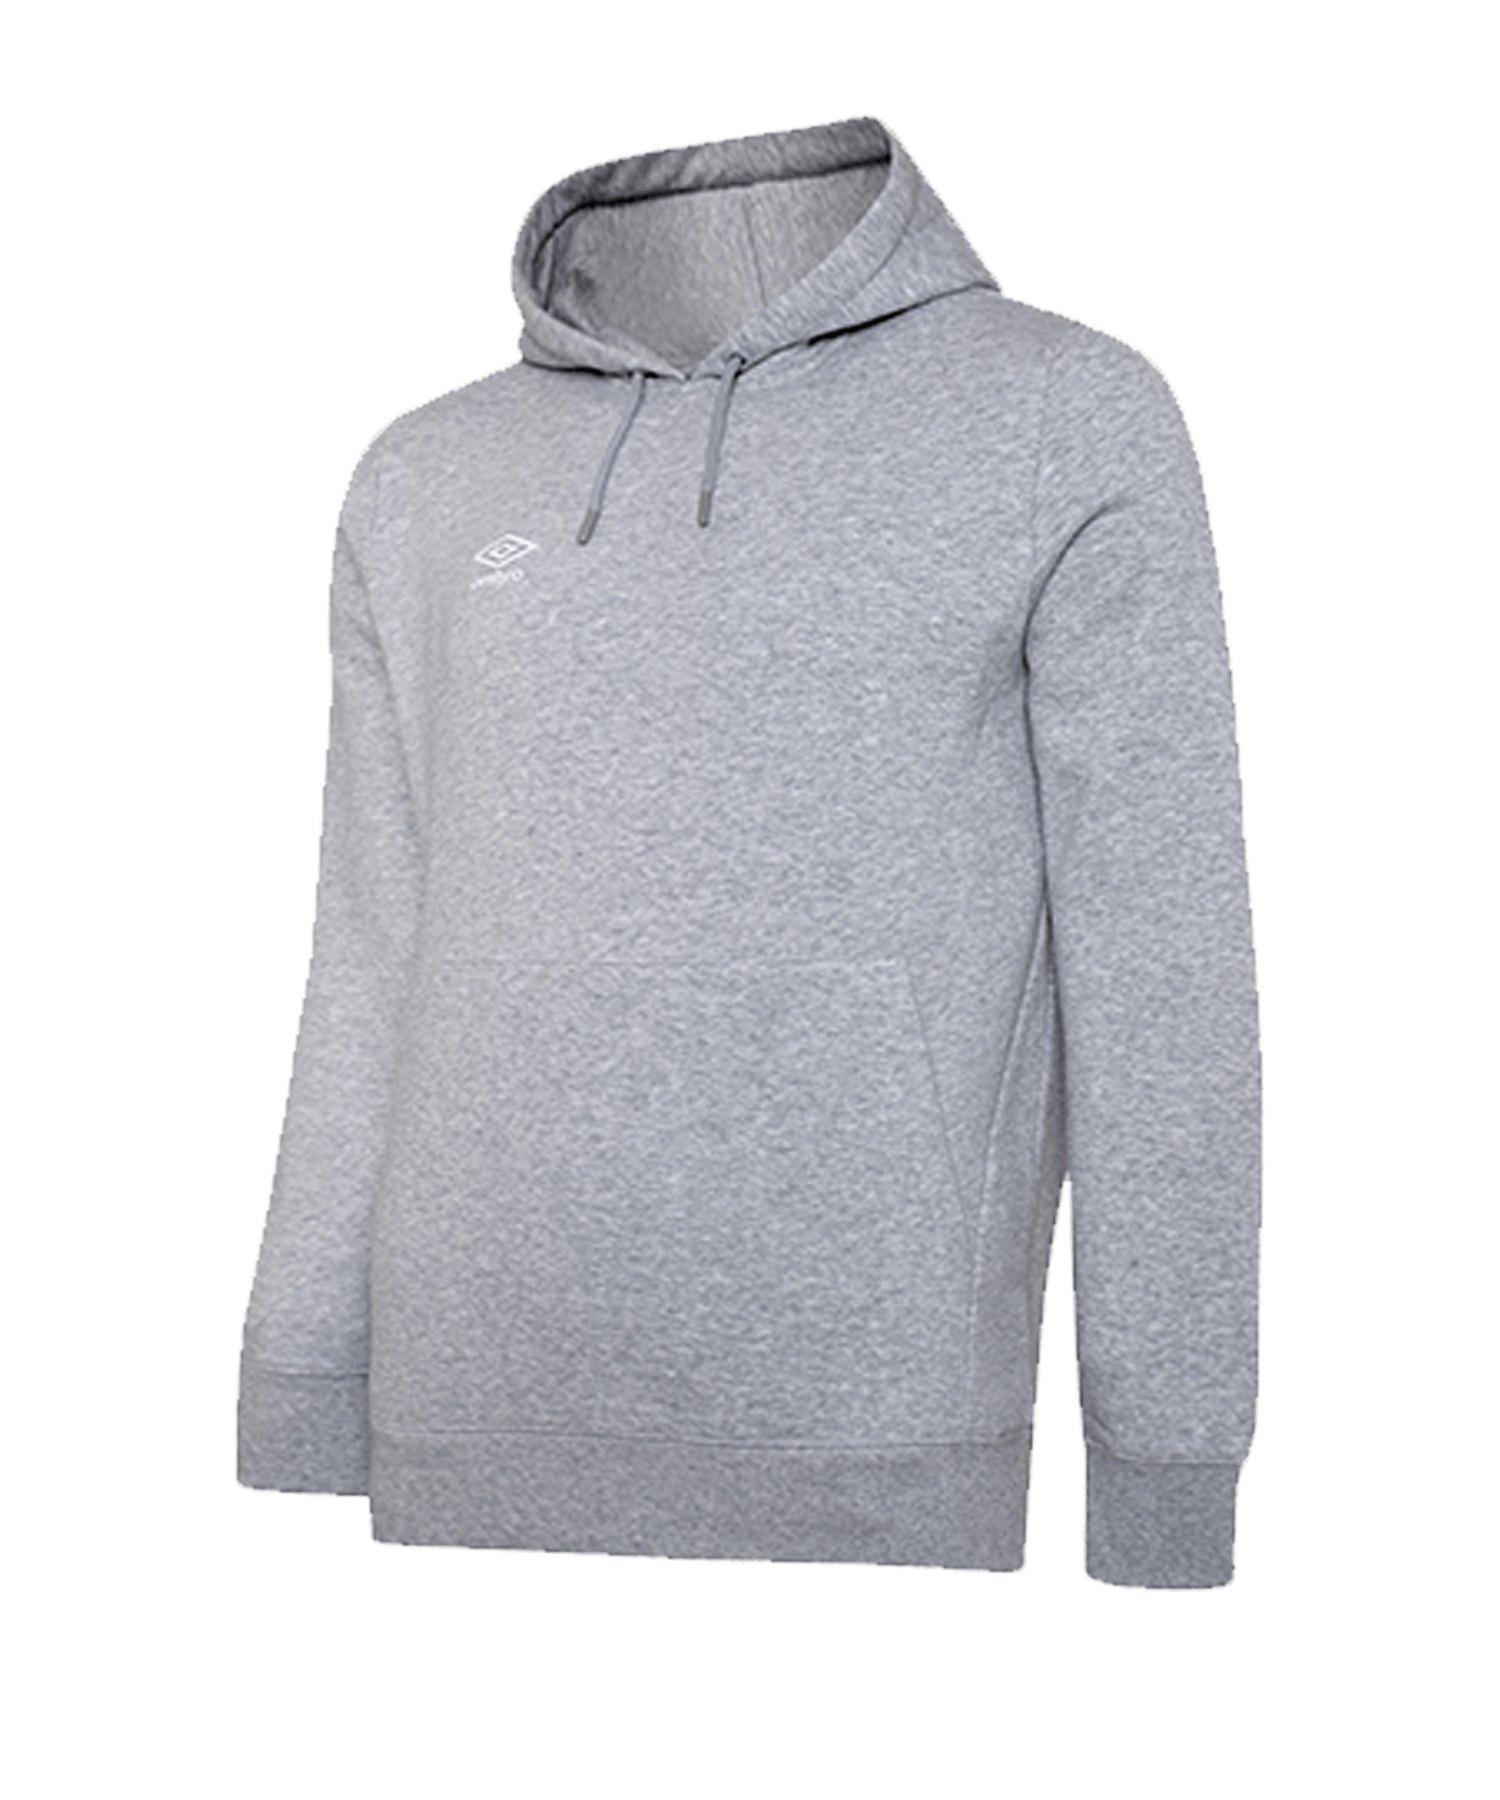 Umbro Club Leisure Kapuzensweatshirt K FP12 - grau